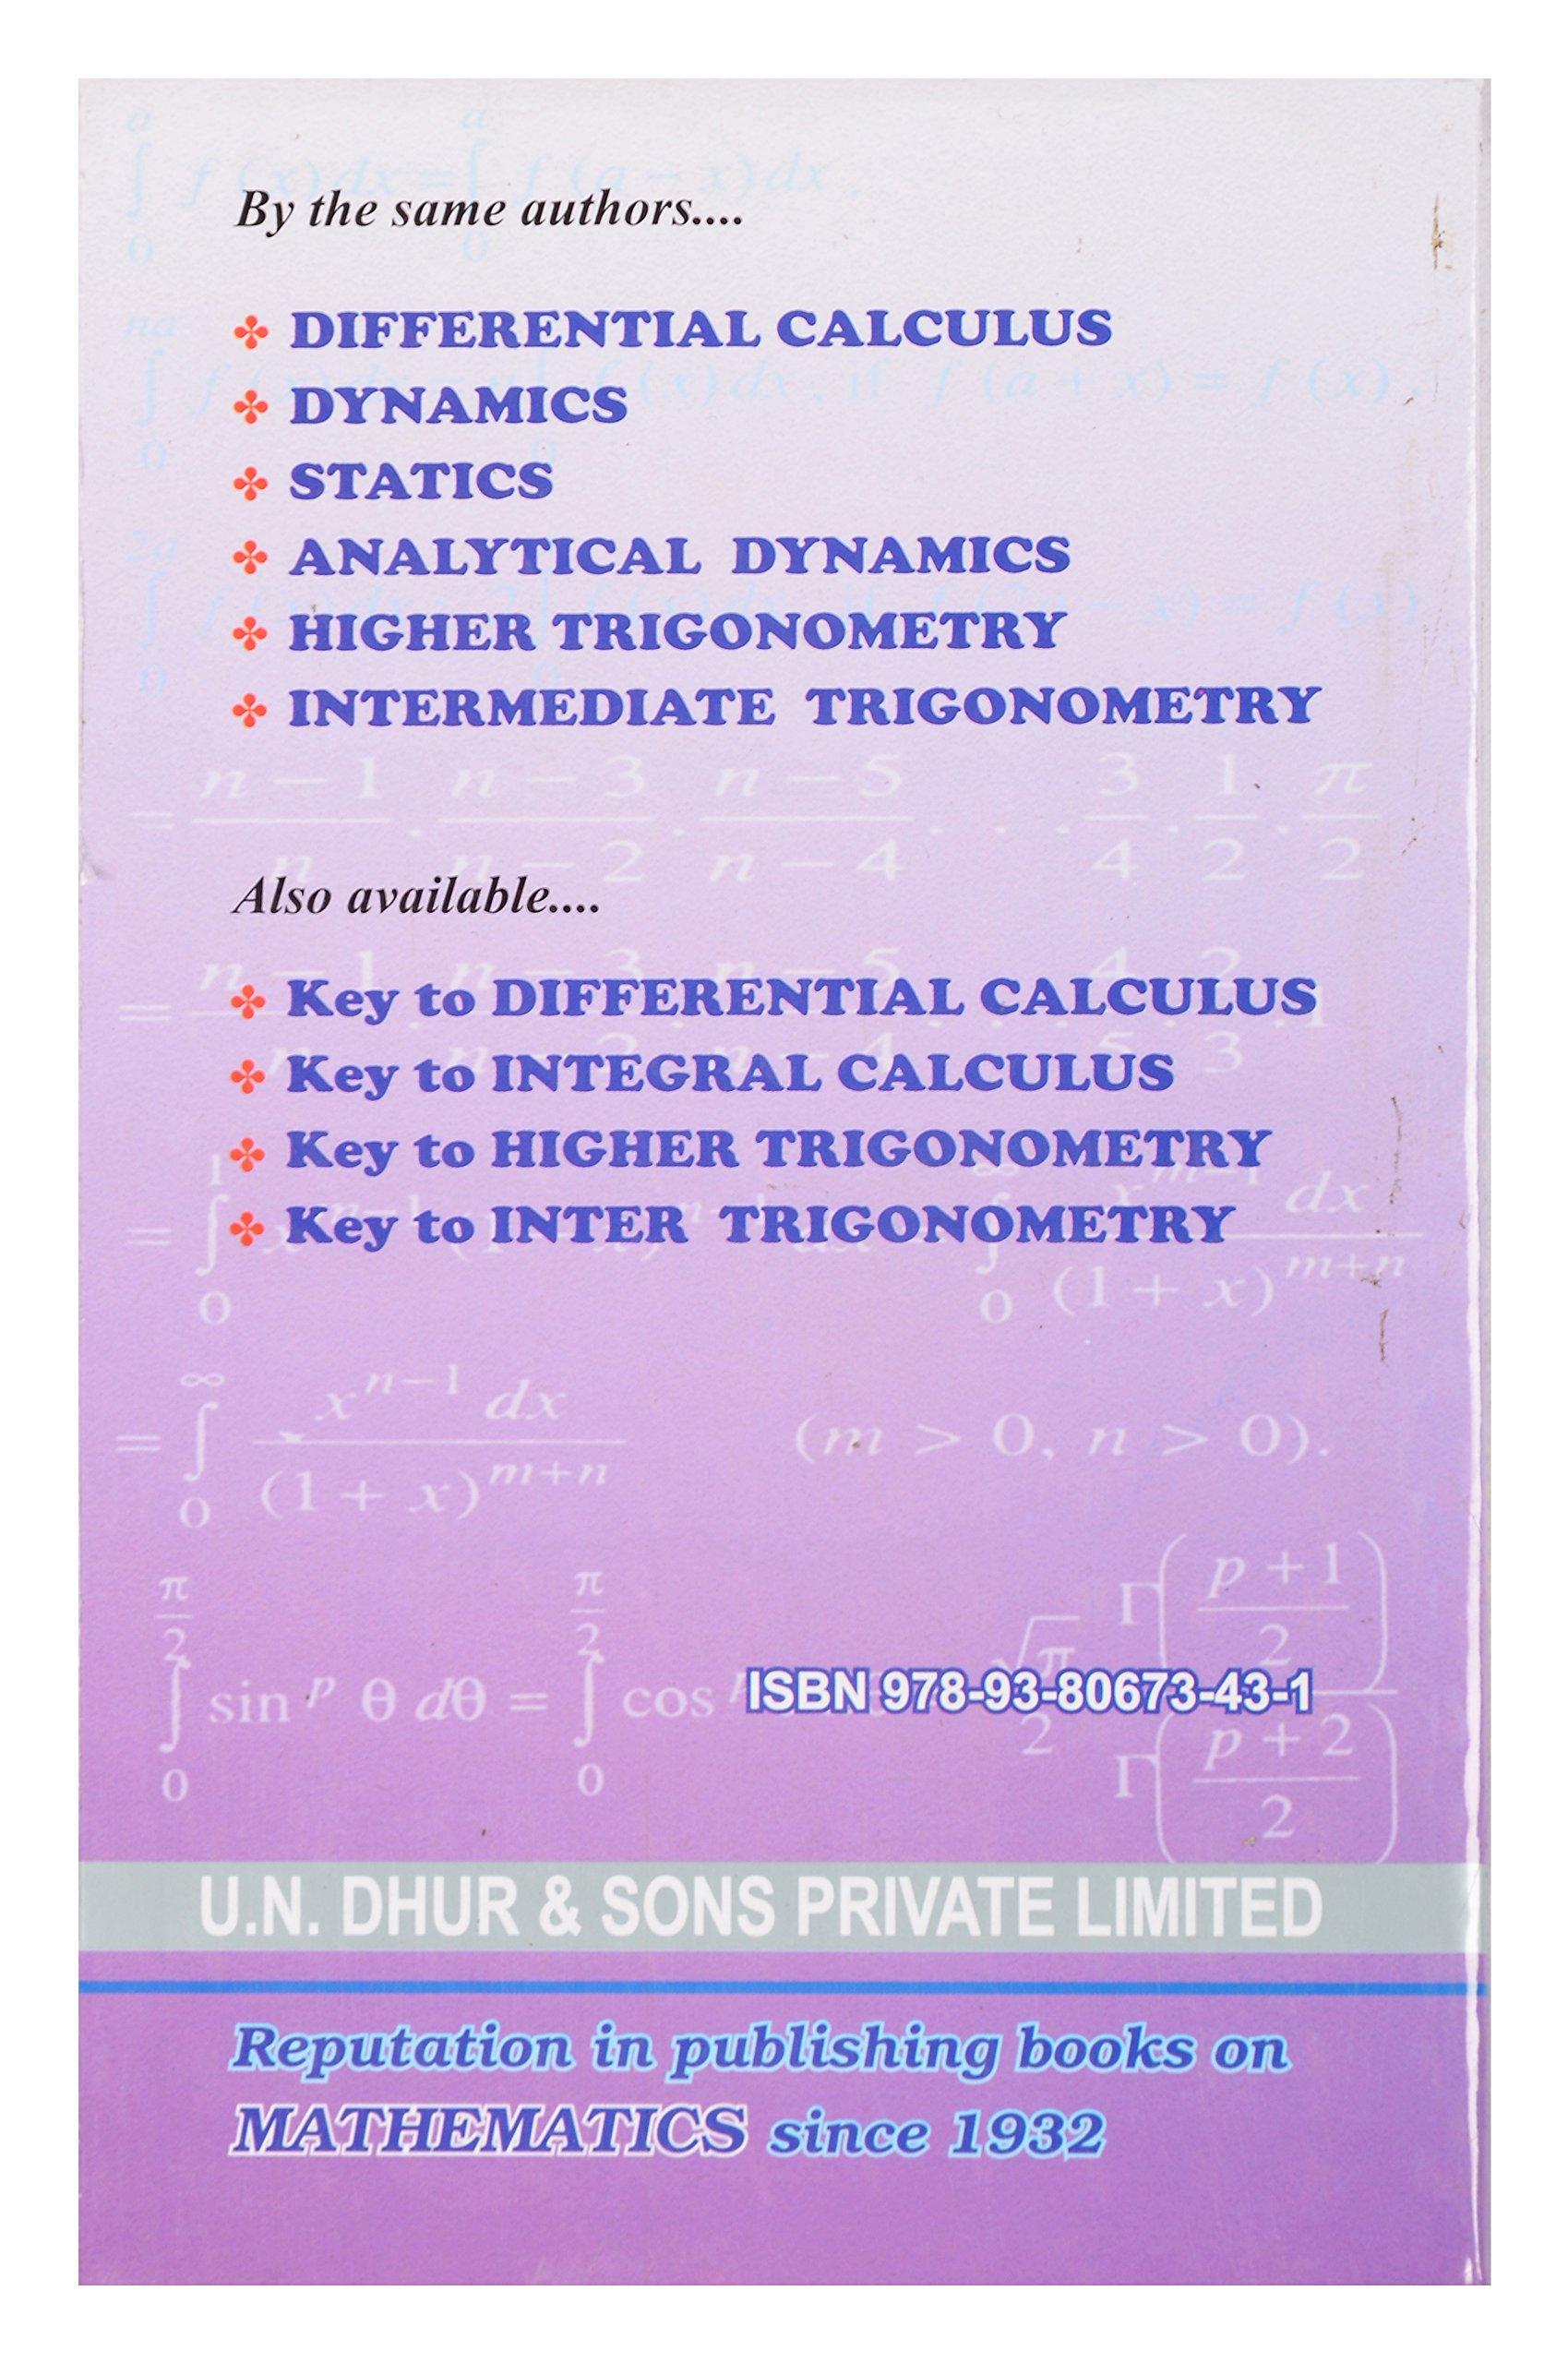 Pdf das differential calculus mukherjee